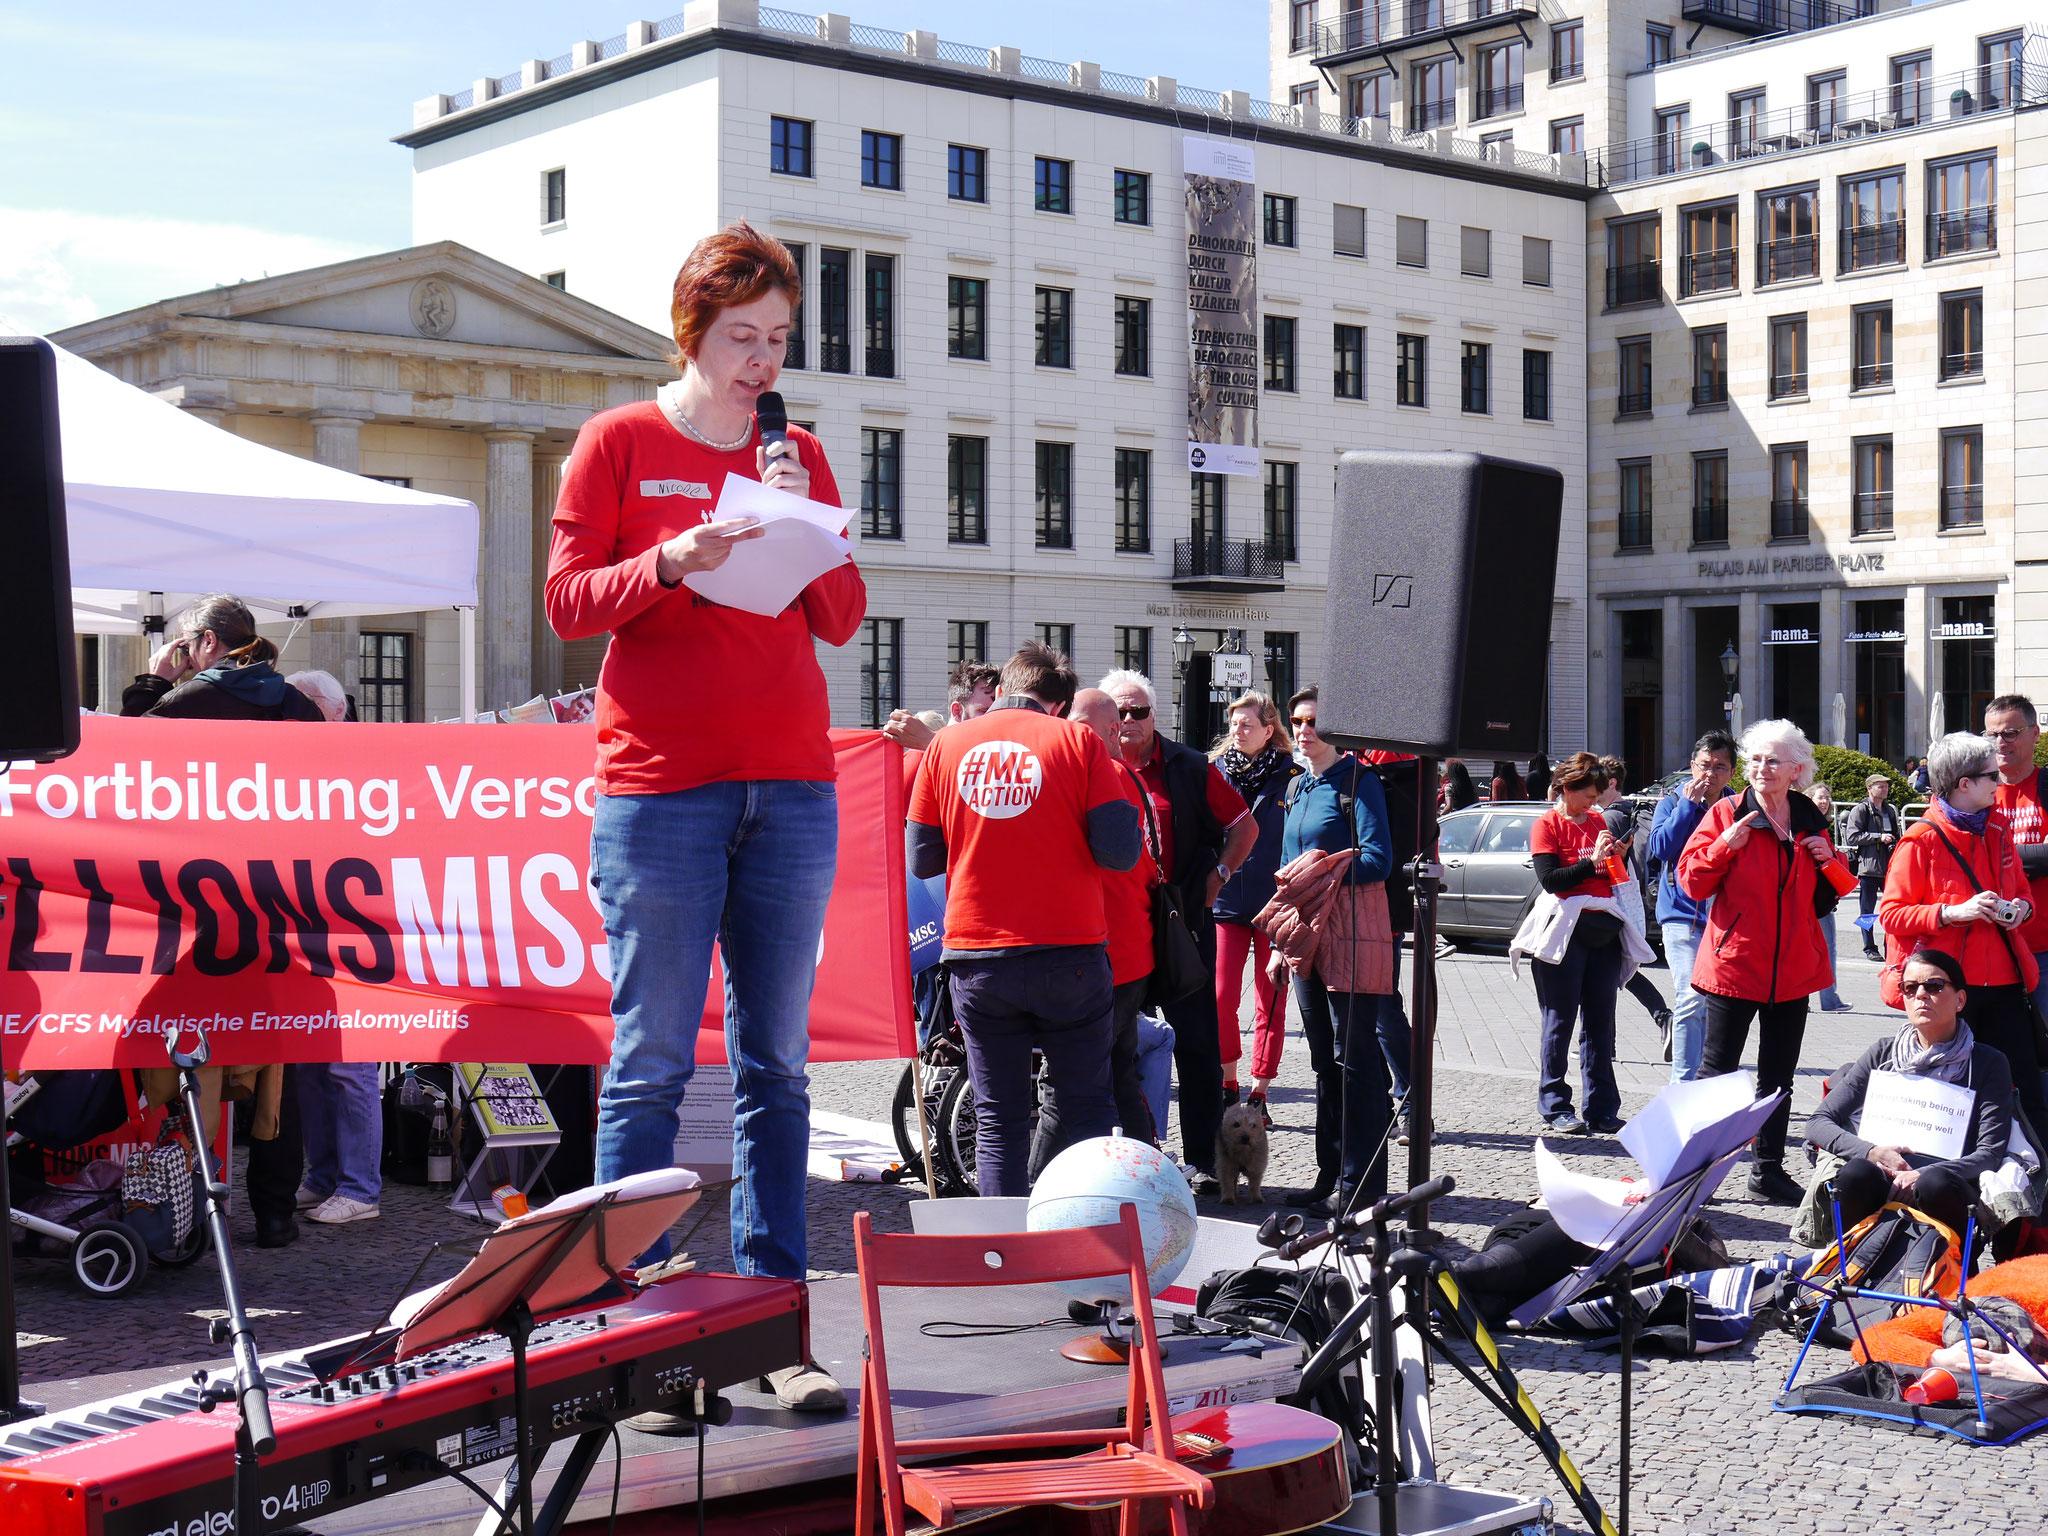 Rede von der Vorsitzenden Nicole Krüger | Lost Voices Stiftung